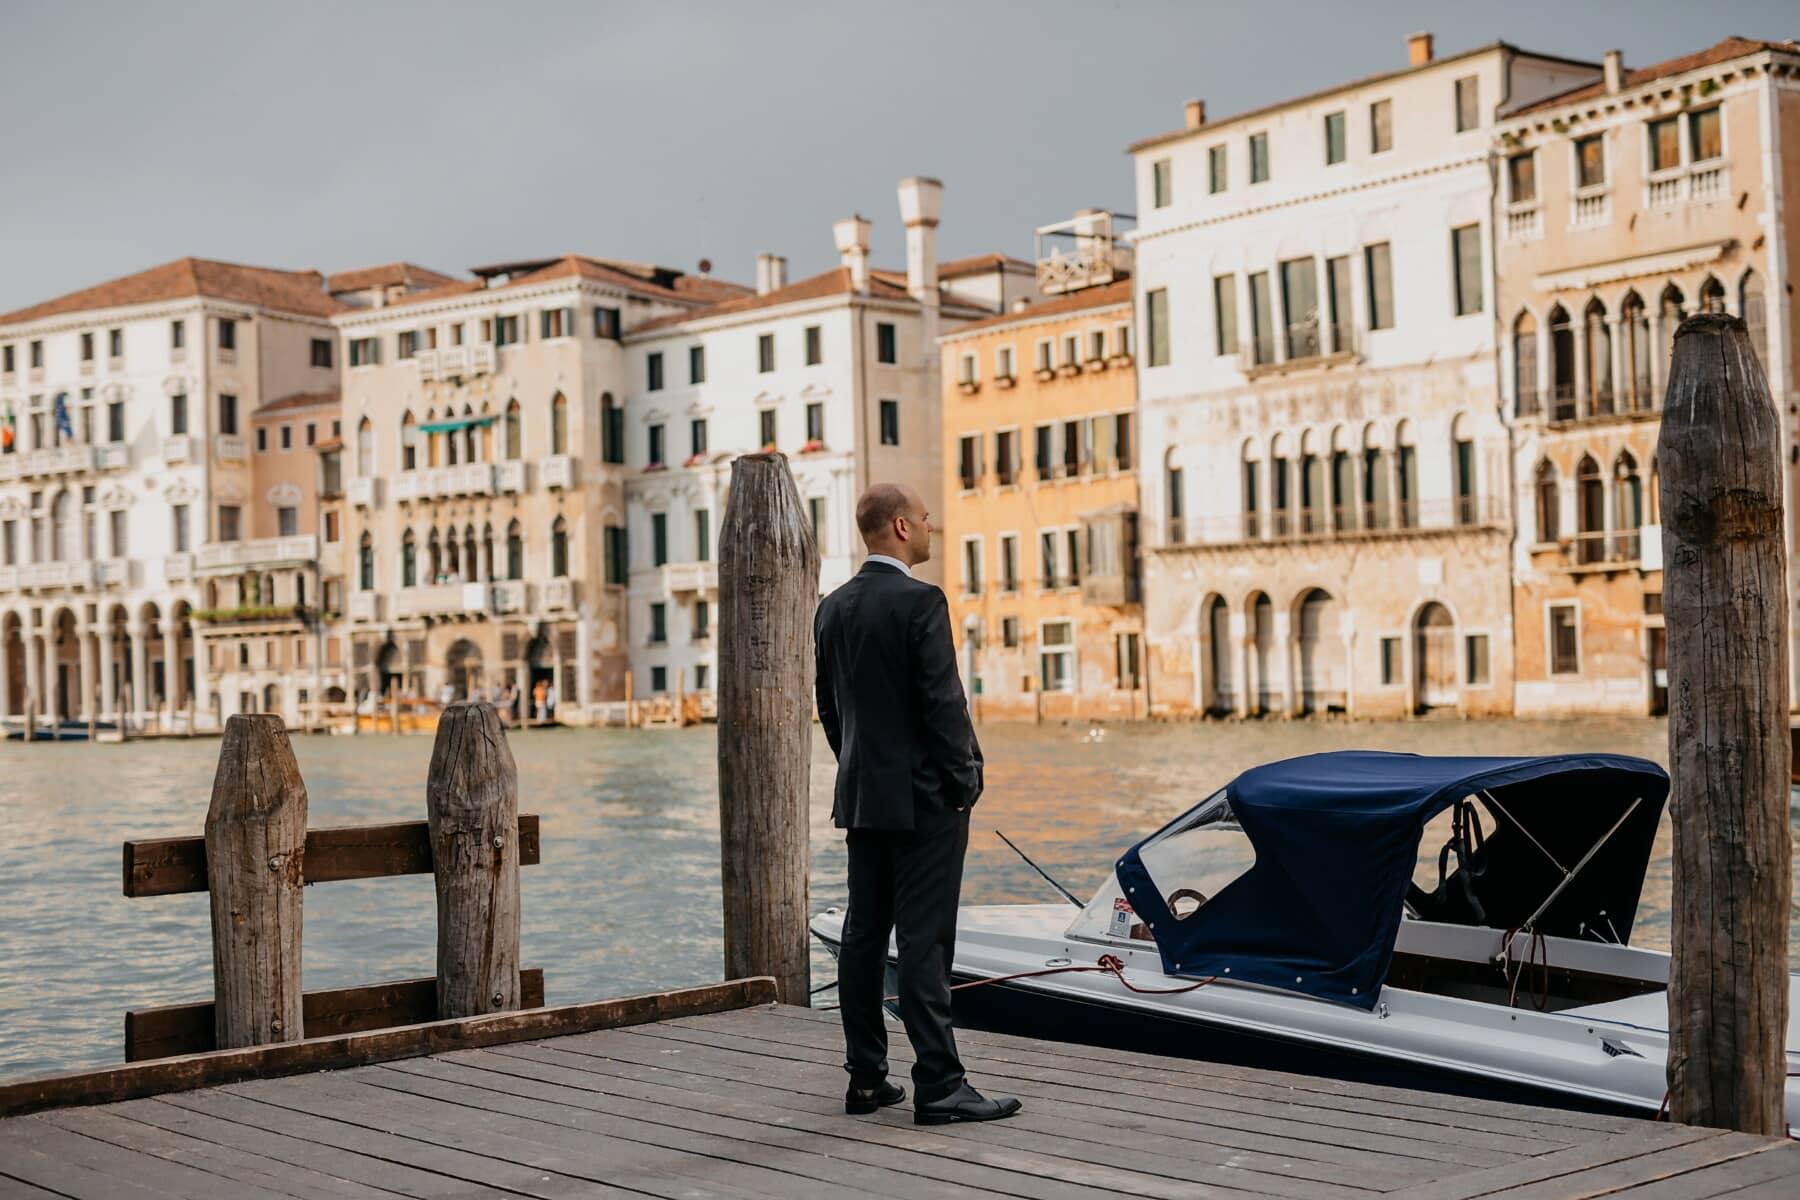 意大利, 旅游景点, 缆车, 运河, 构建, 城市, 体系结构, 船, 桥梁, 水